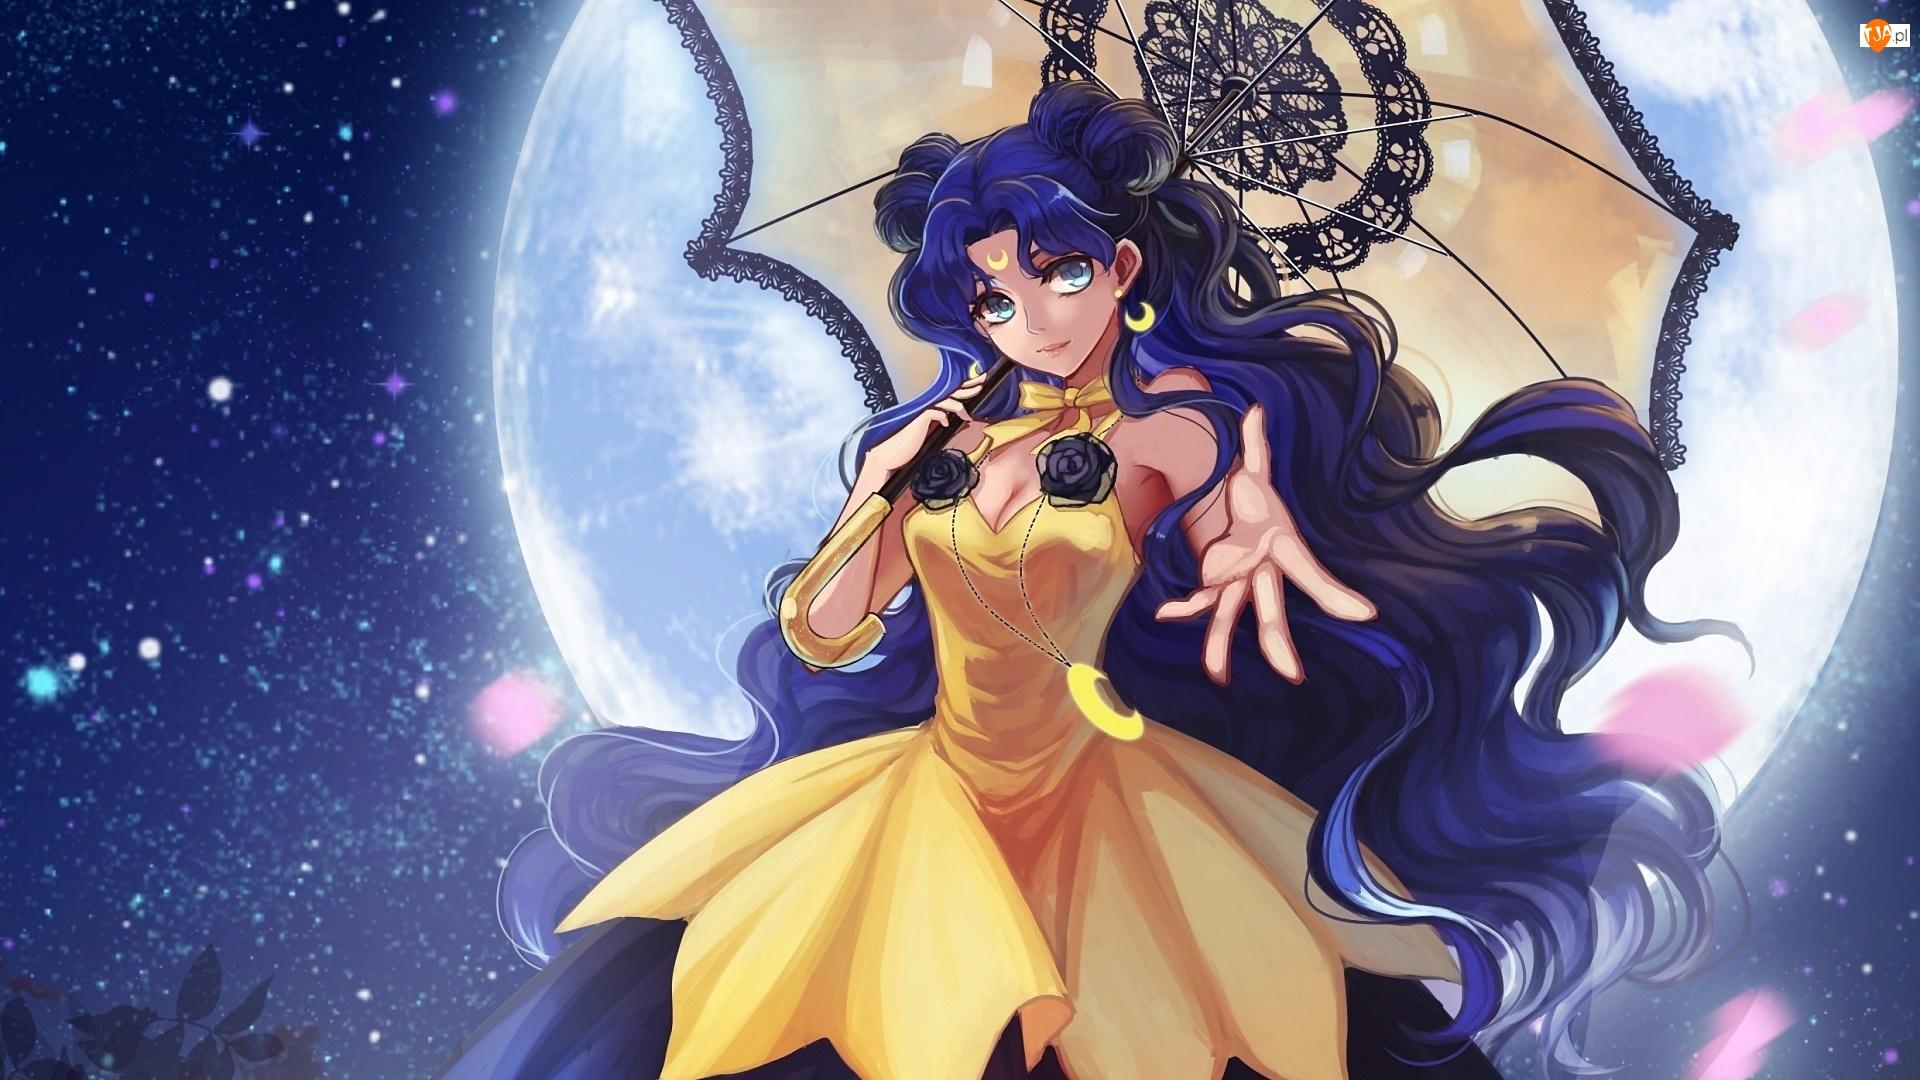 Manga Anime, Księżyc, Dziewczyna, Parasolka